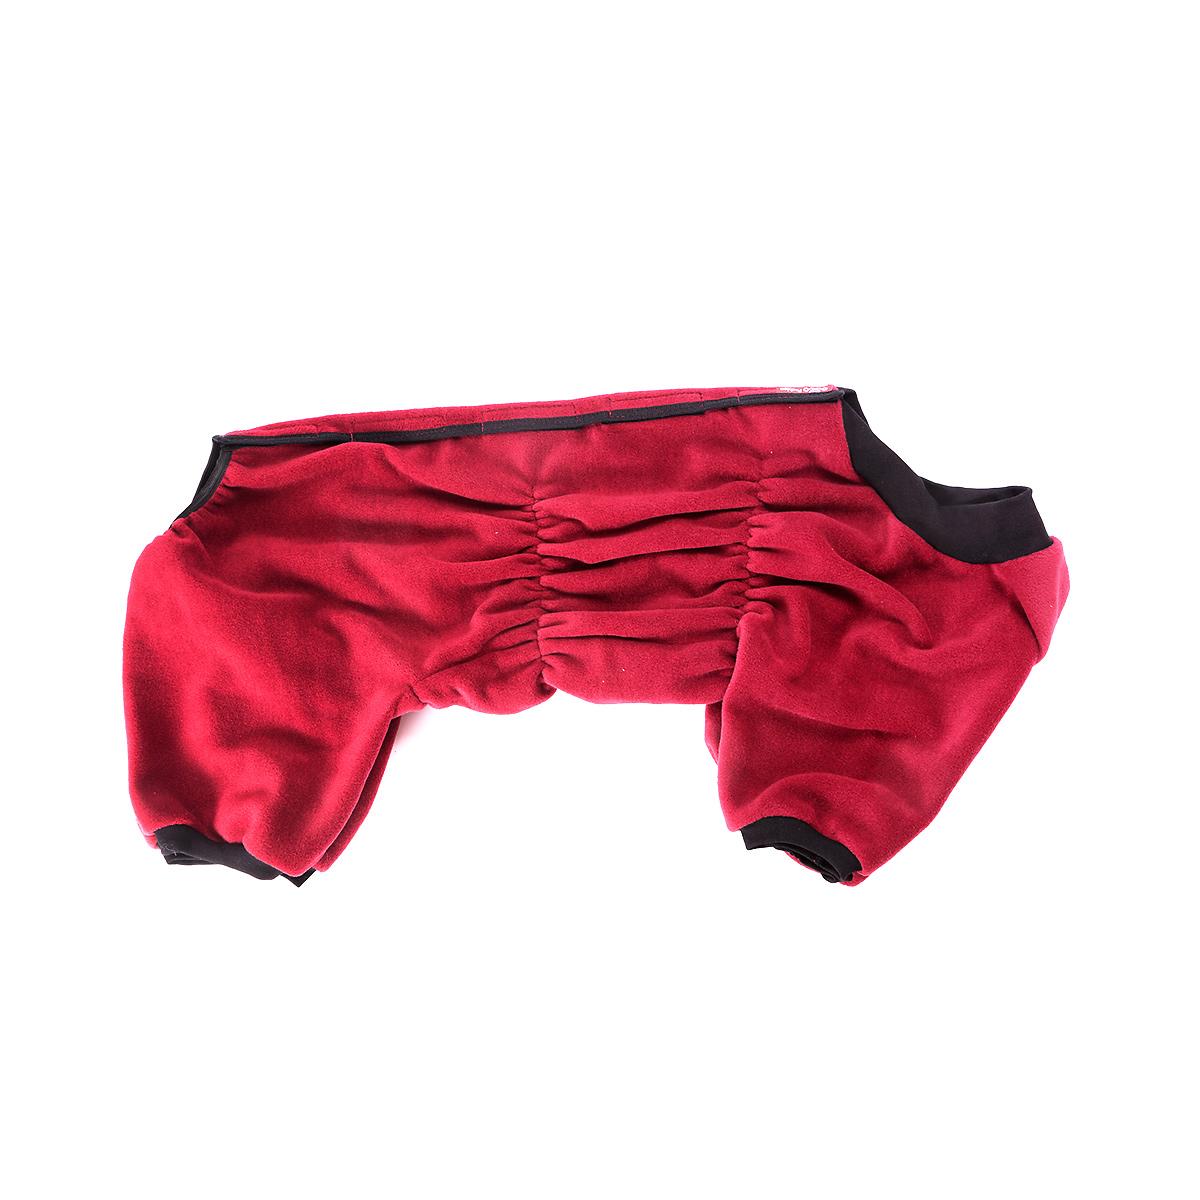 Комбинезон для собак OSSO Fashion, для девочки, цвет: бордовый. Размер 65 цена